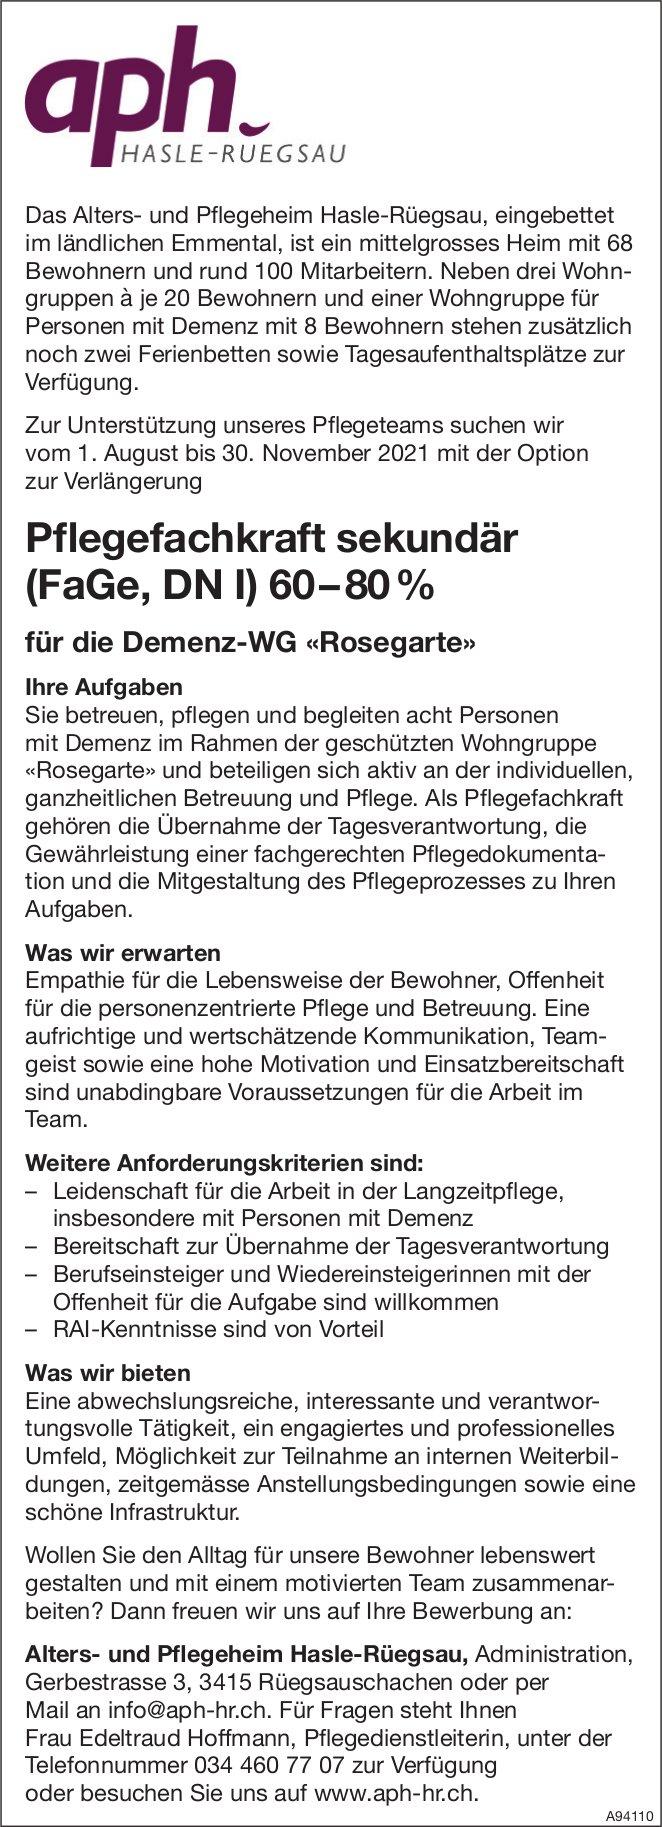 Pflegefachkraft sekundär (FaGe, DN I) 60 – 80 %, Alters- und Pflegeheim Hasle-Rüegsau, Rüegsauschachen,  gesucht